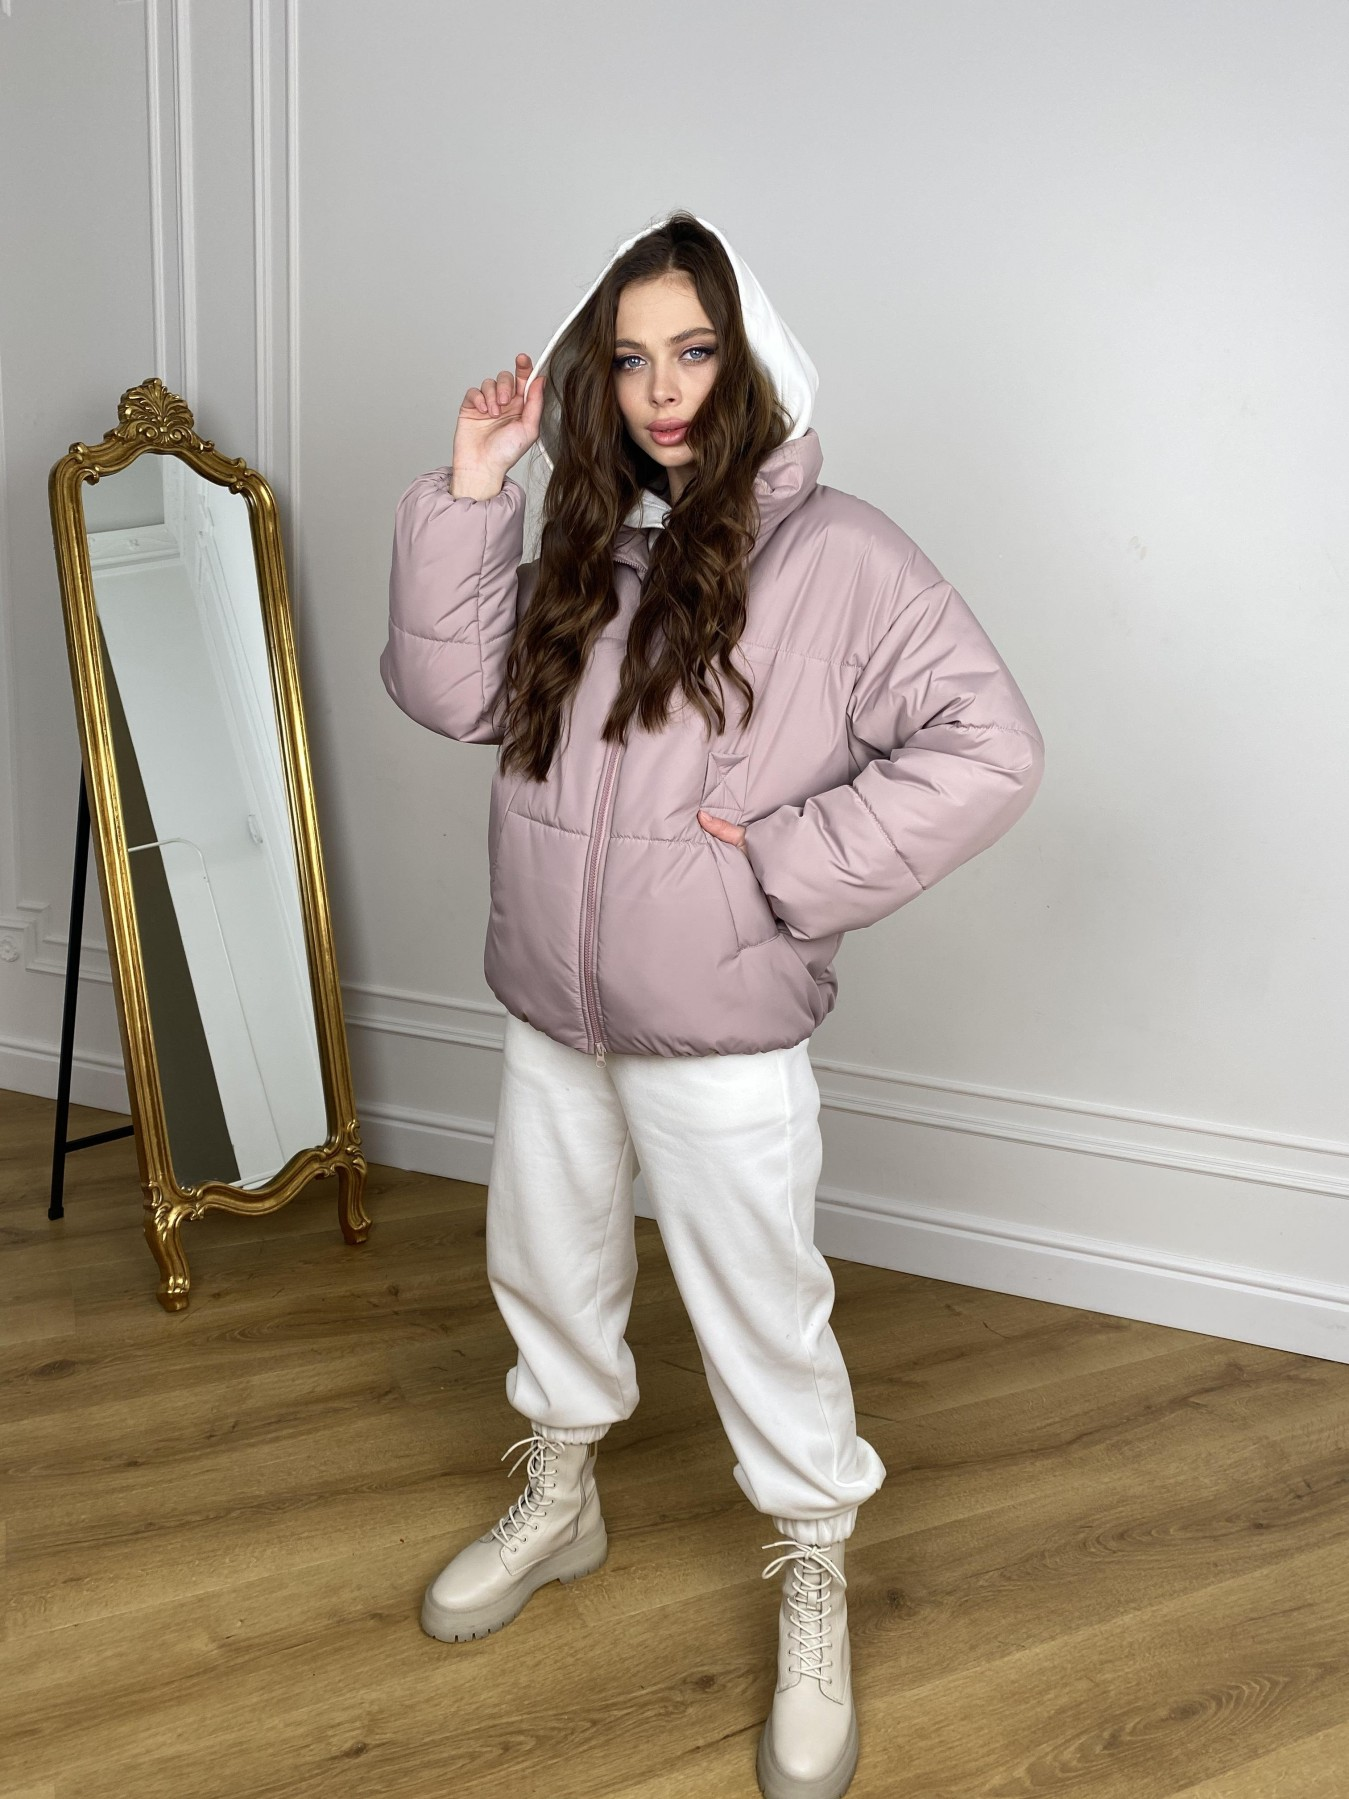 Муд куртка из плащевой ткани 10509 АРТ. 46917 Цвет: Пудра - фото 10, интернет магазин tm-modus.ru